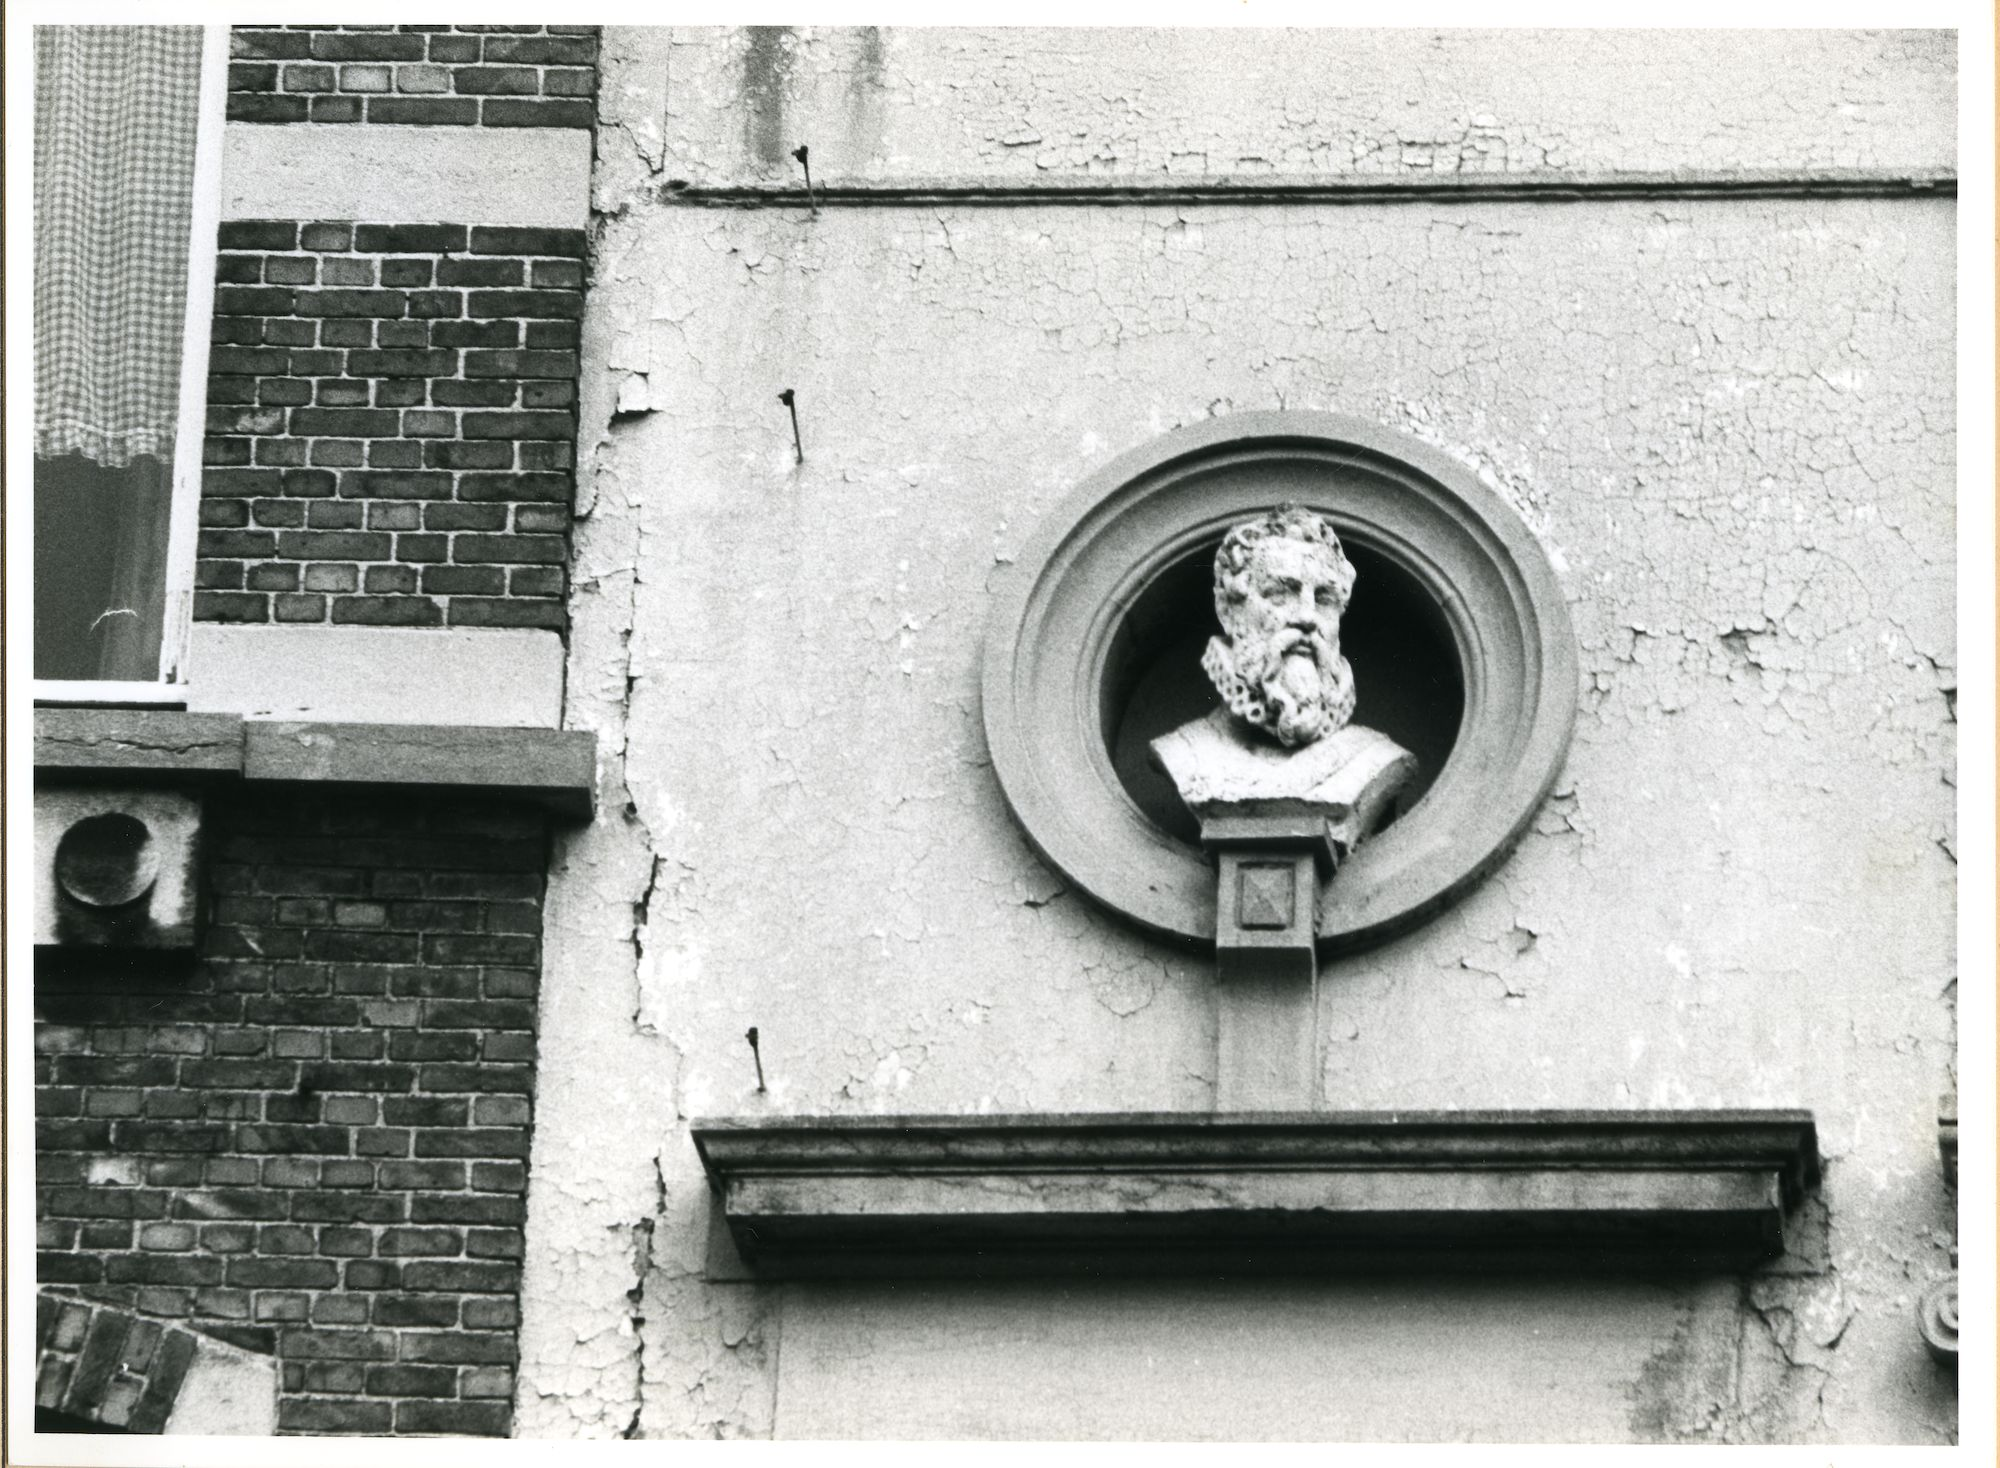 Gent: Walpoortstraat: Buste, 1980